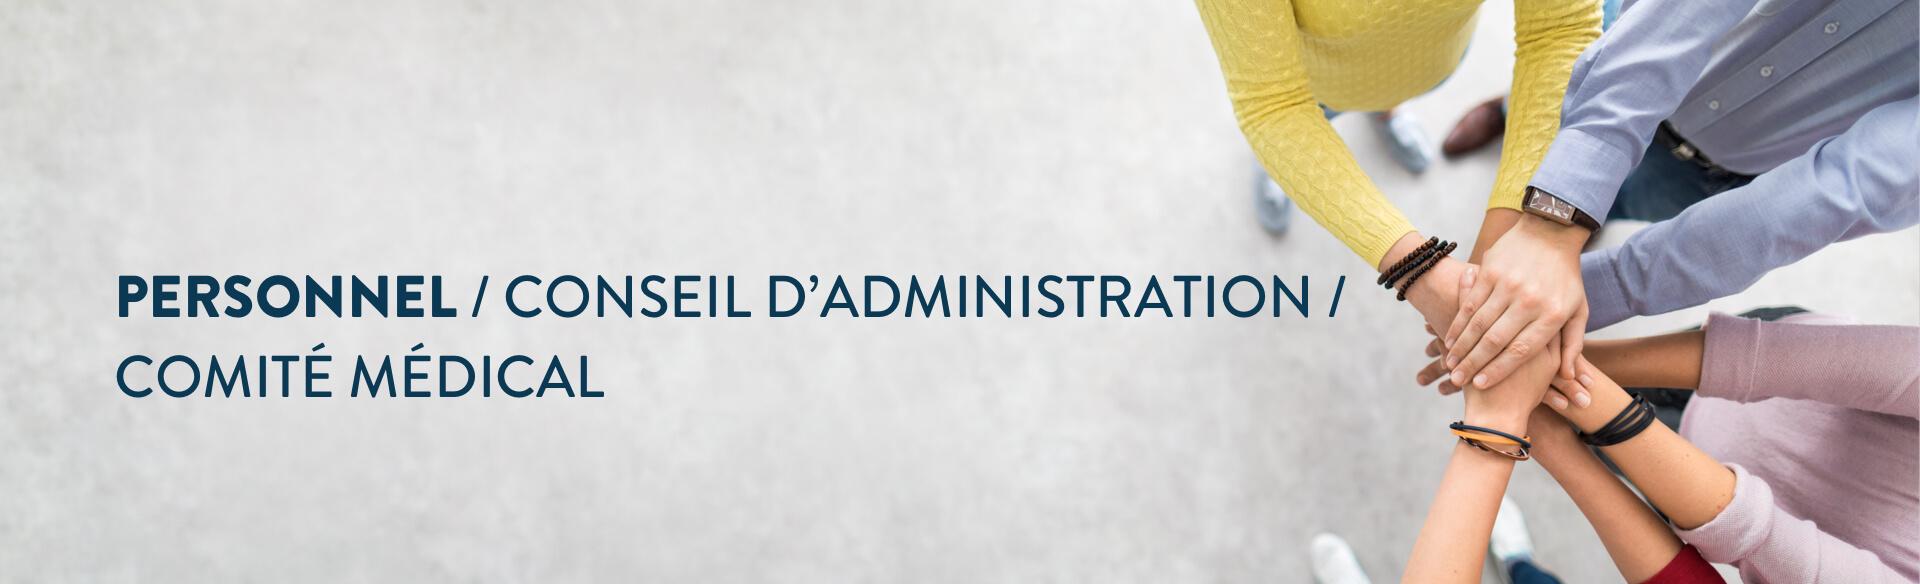 Bannière personnel / conseil d'administration / comité médical